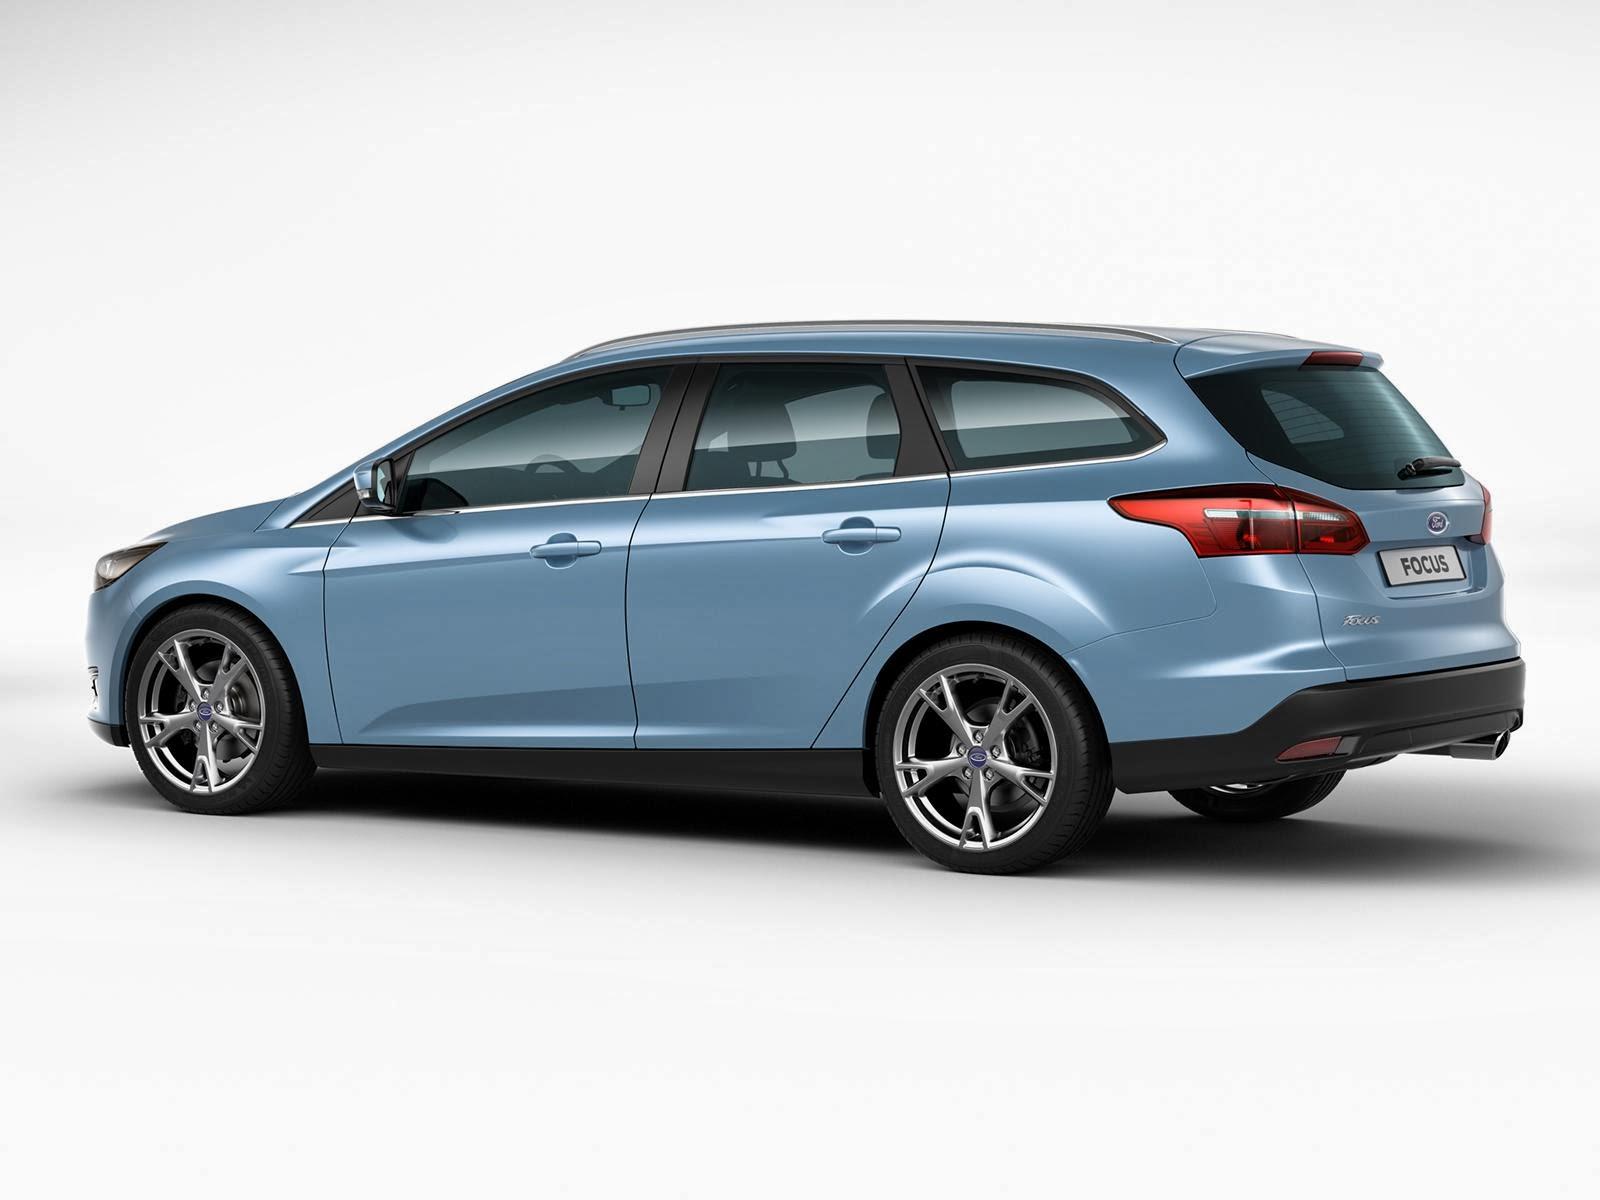 [Resim: Ford+Focus+3.jpg]